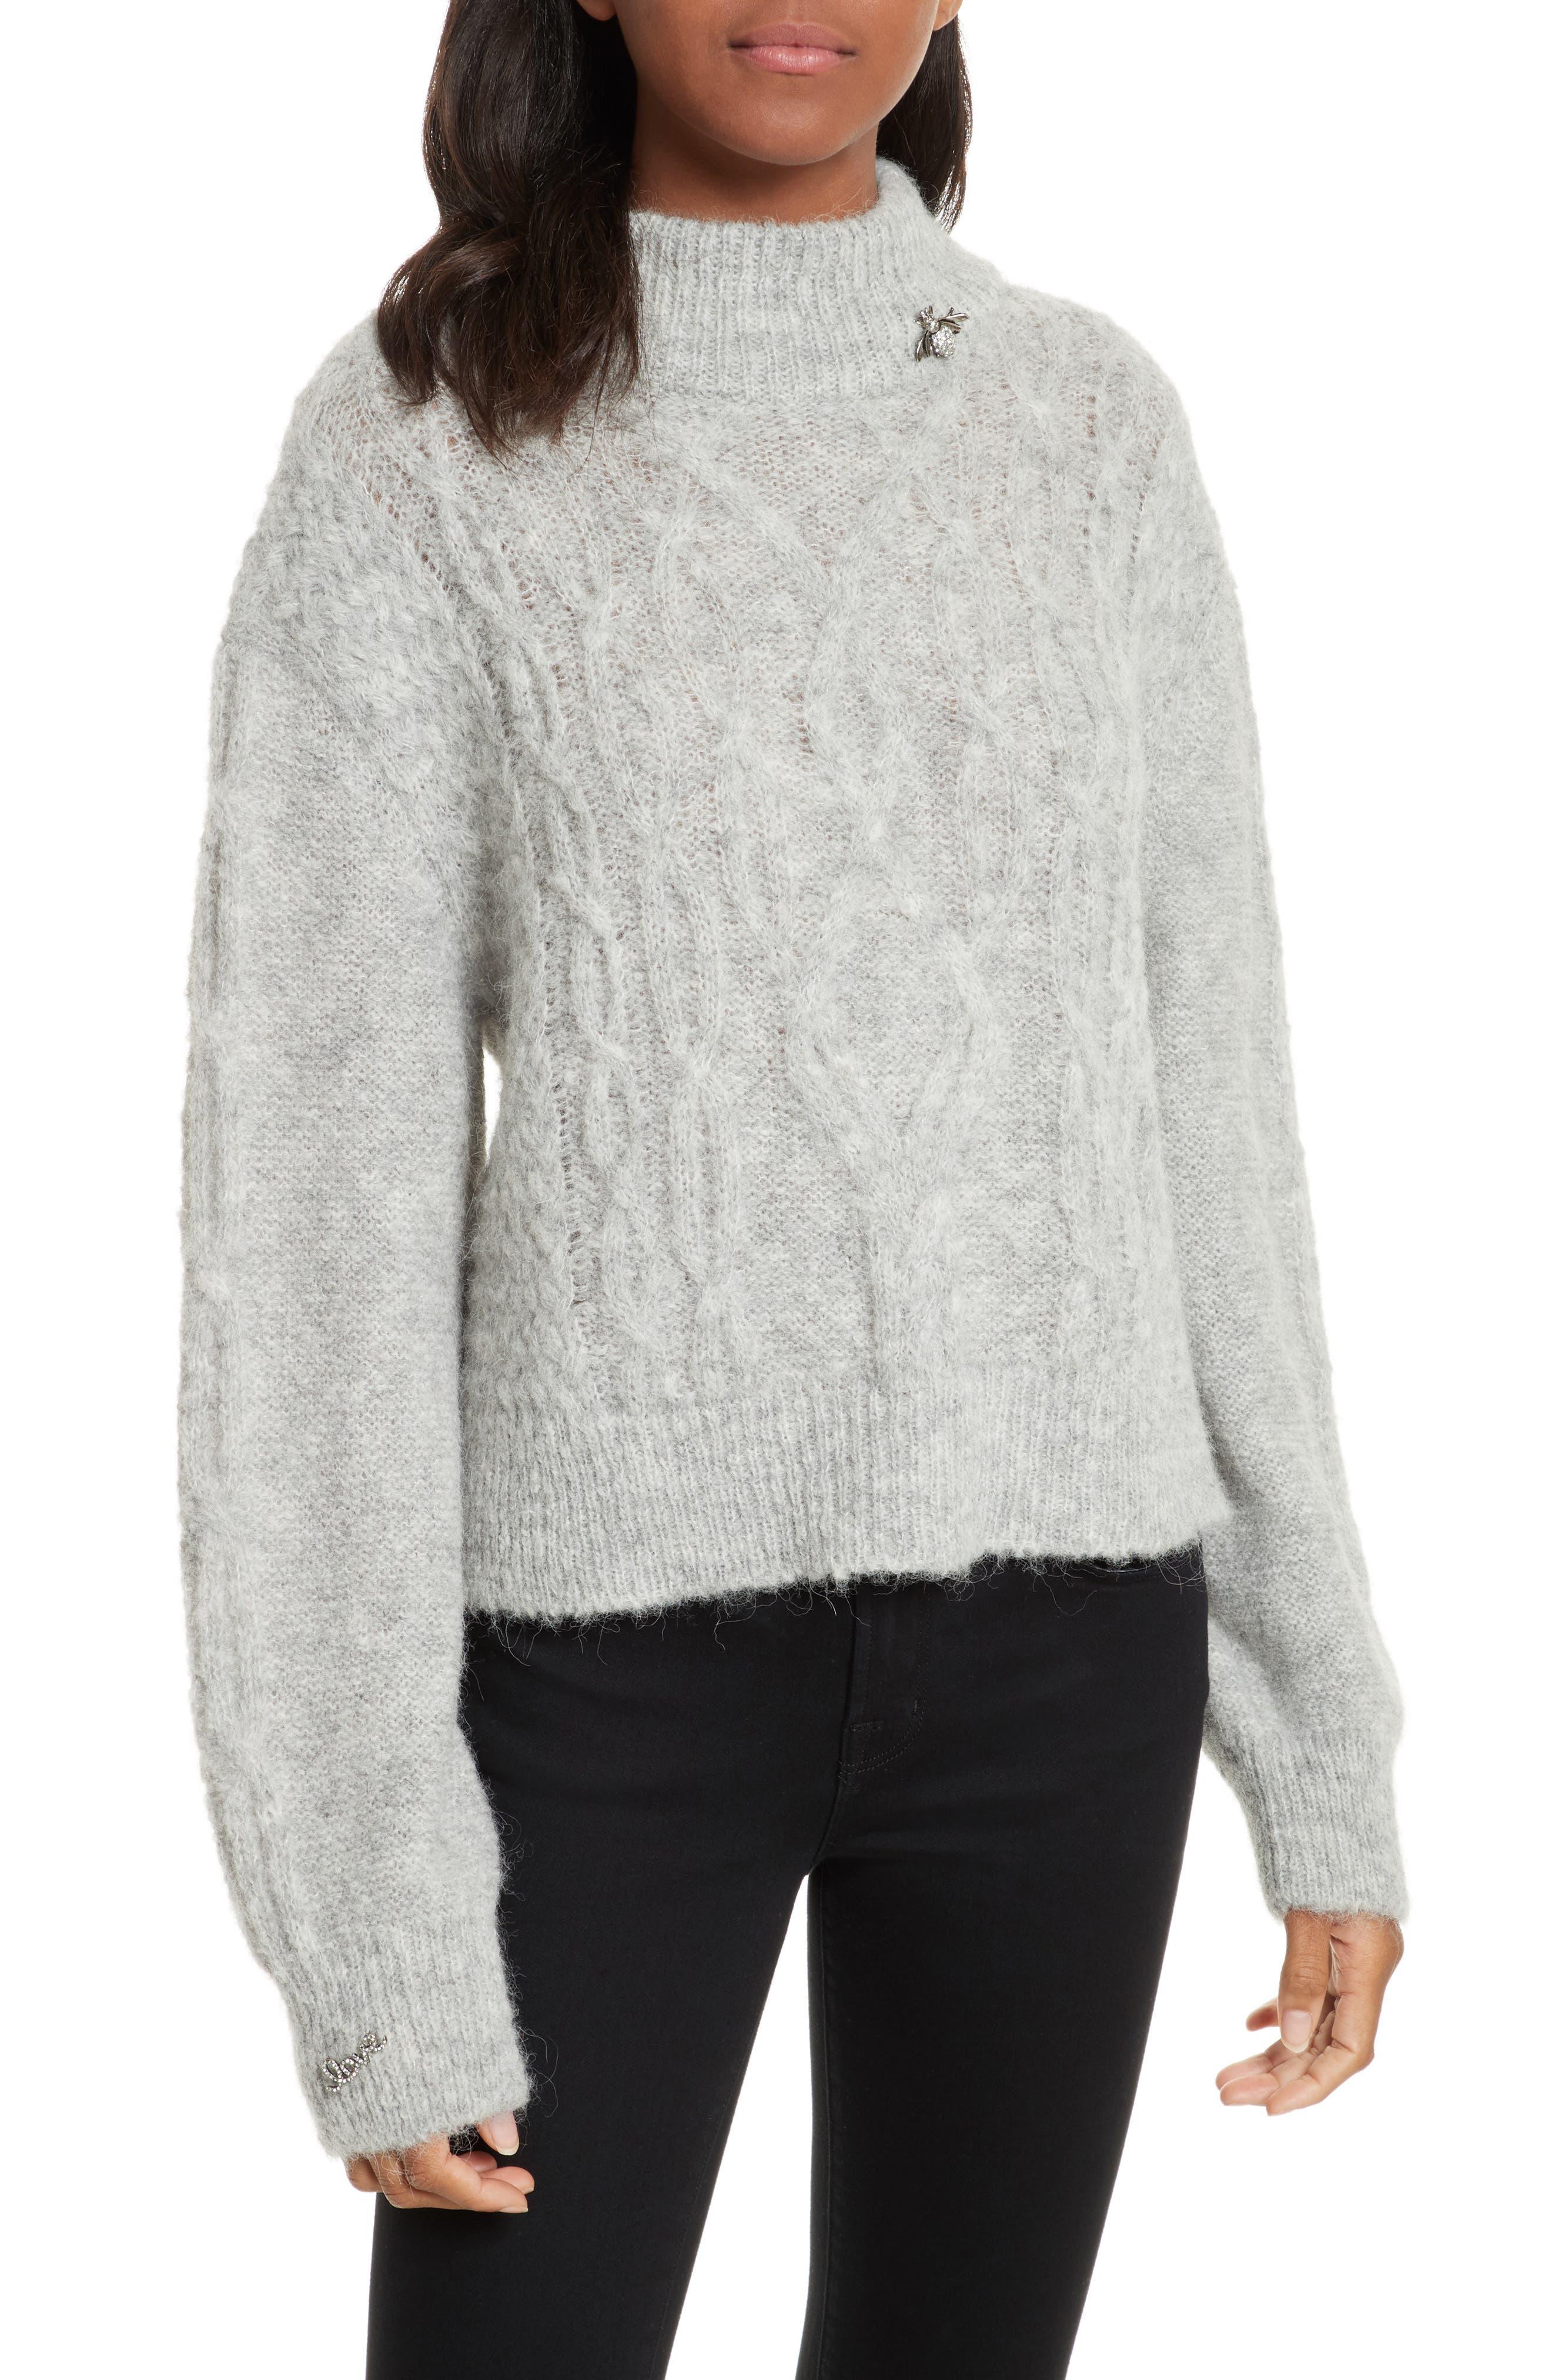 Garlan Mock Neck Sweater,                         Main,                         color, 051